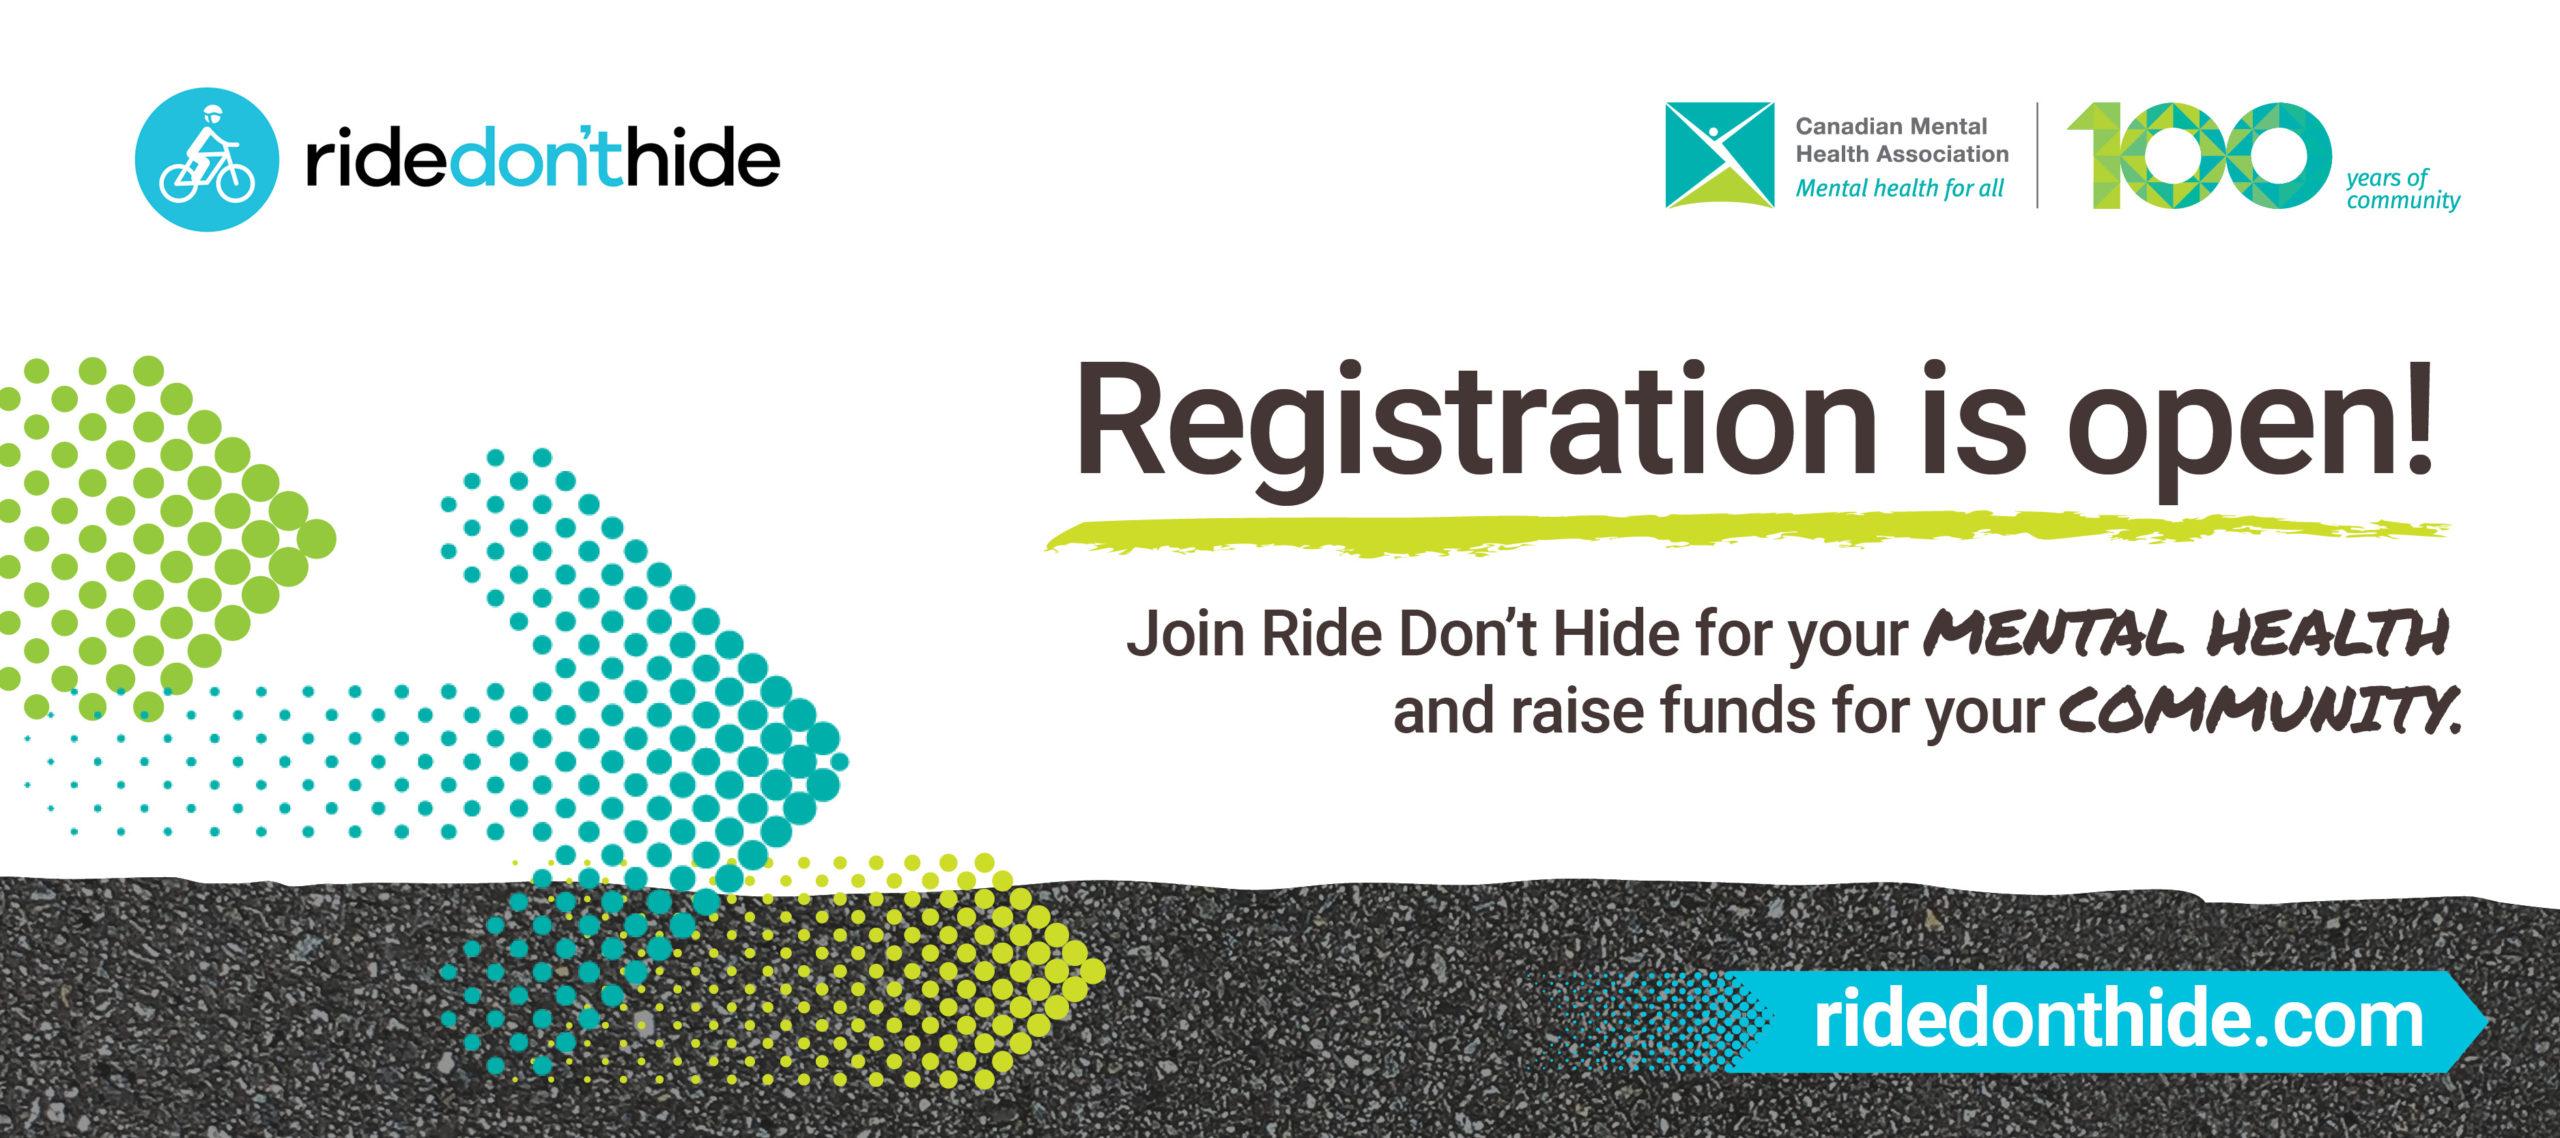 Ride Don't Hide registration open